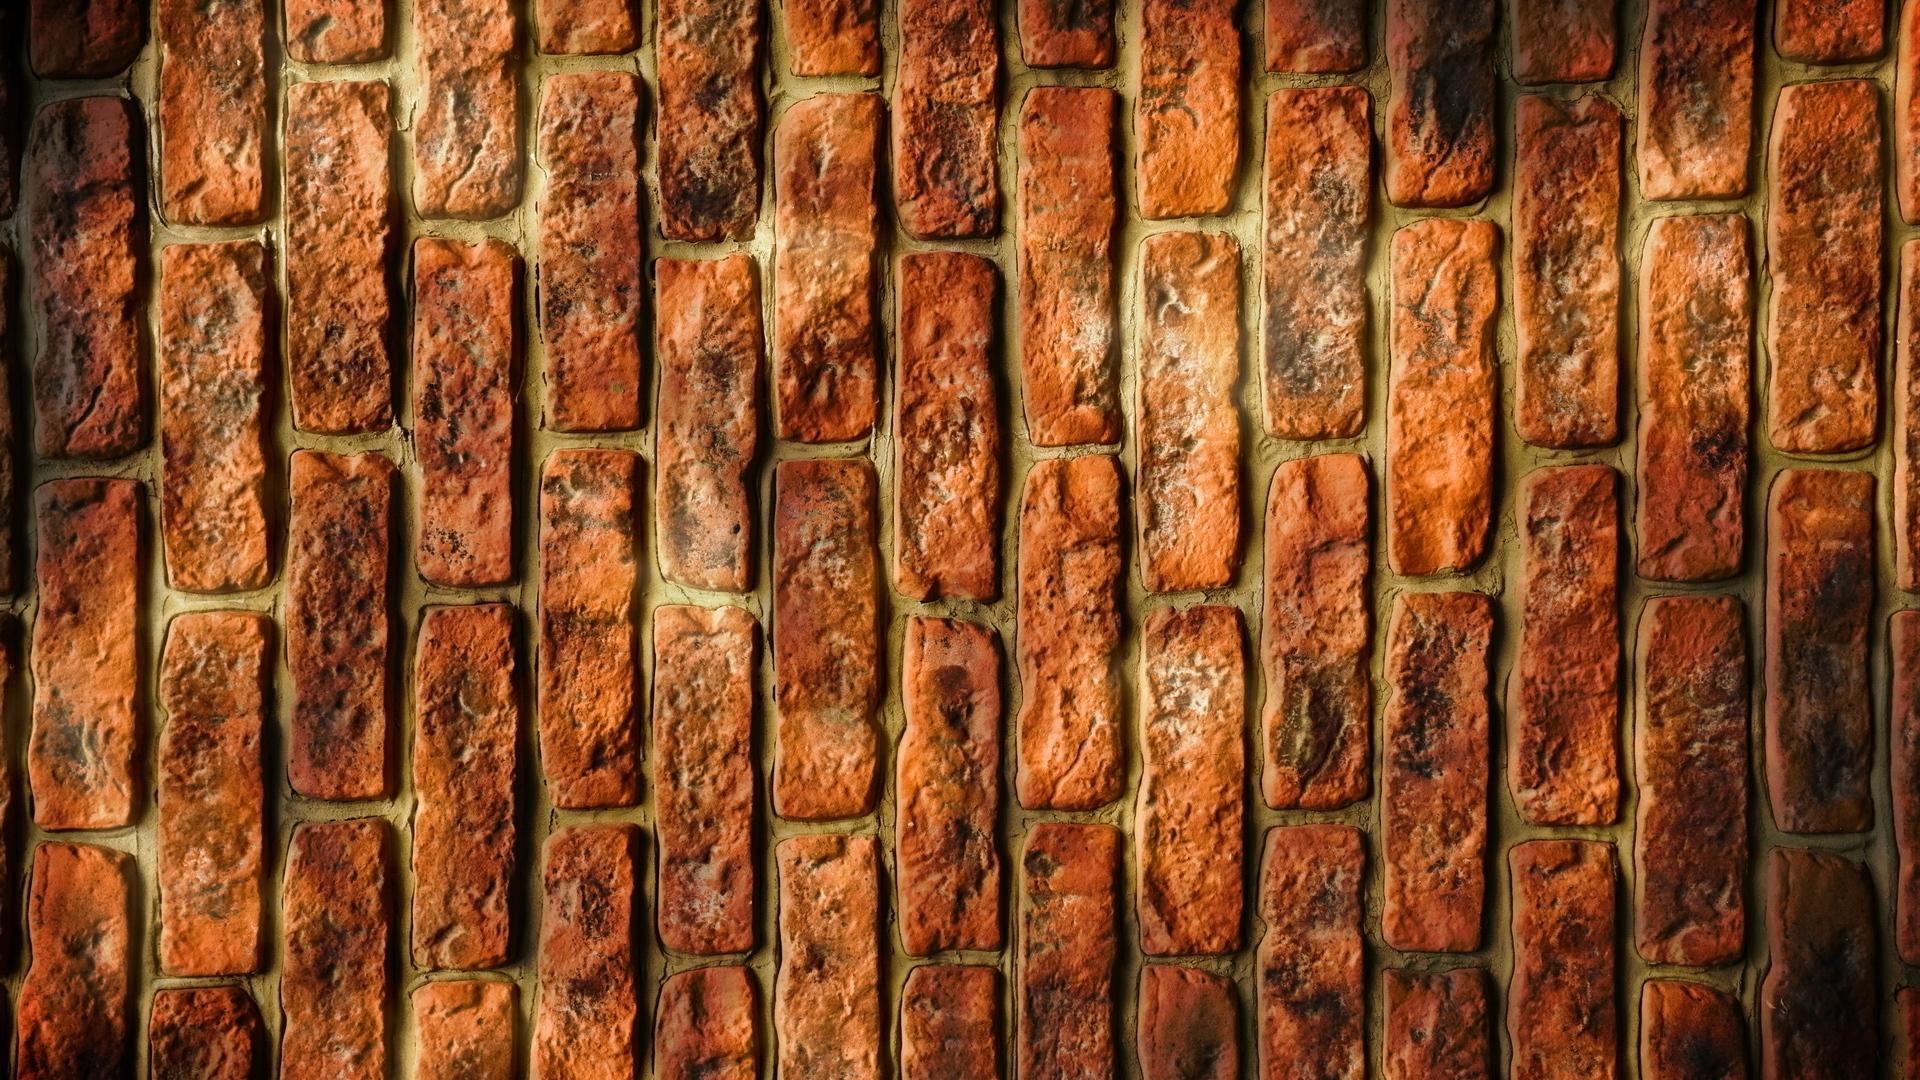 Download Wallpaper 1920x1080 Bricks Background Stone Dark